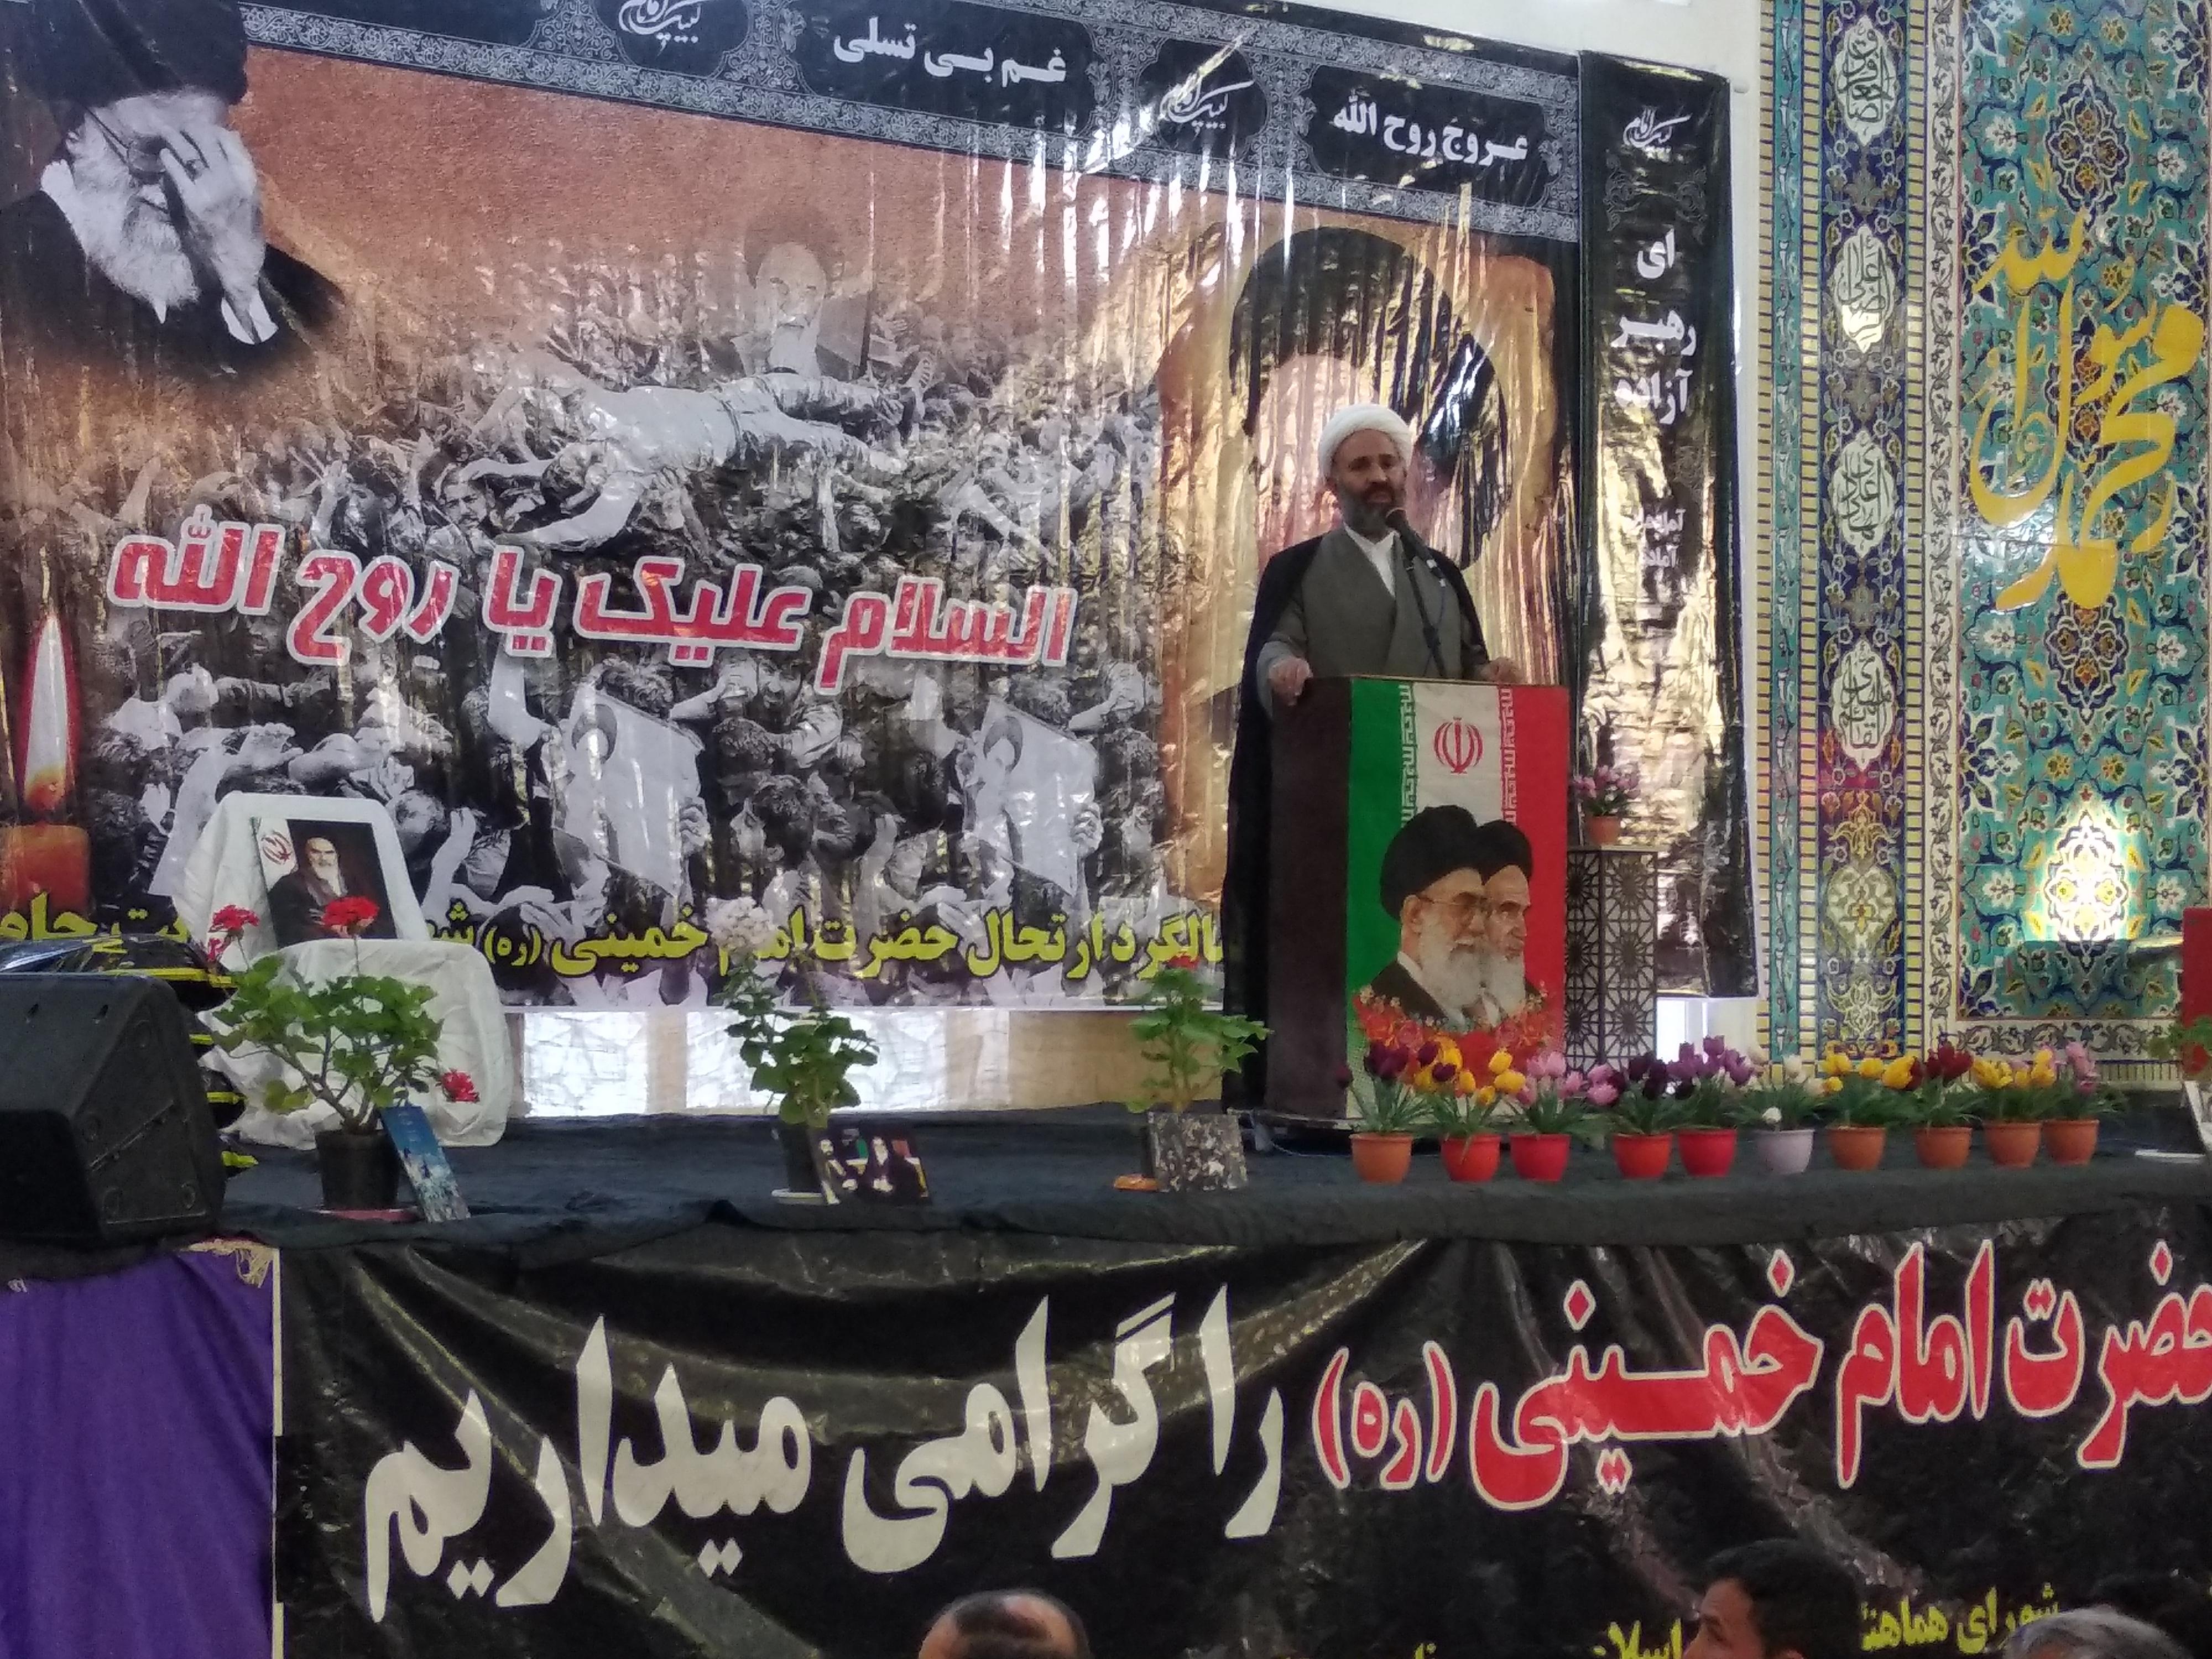 سخنرانی حجتالاسلام و المسلمین پژمانفر در اجتماع بزرگ مردم تربت حیدریه